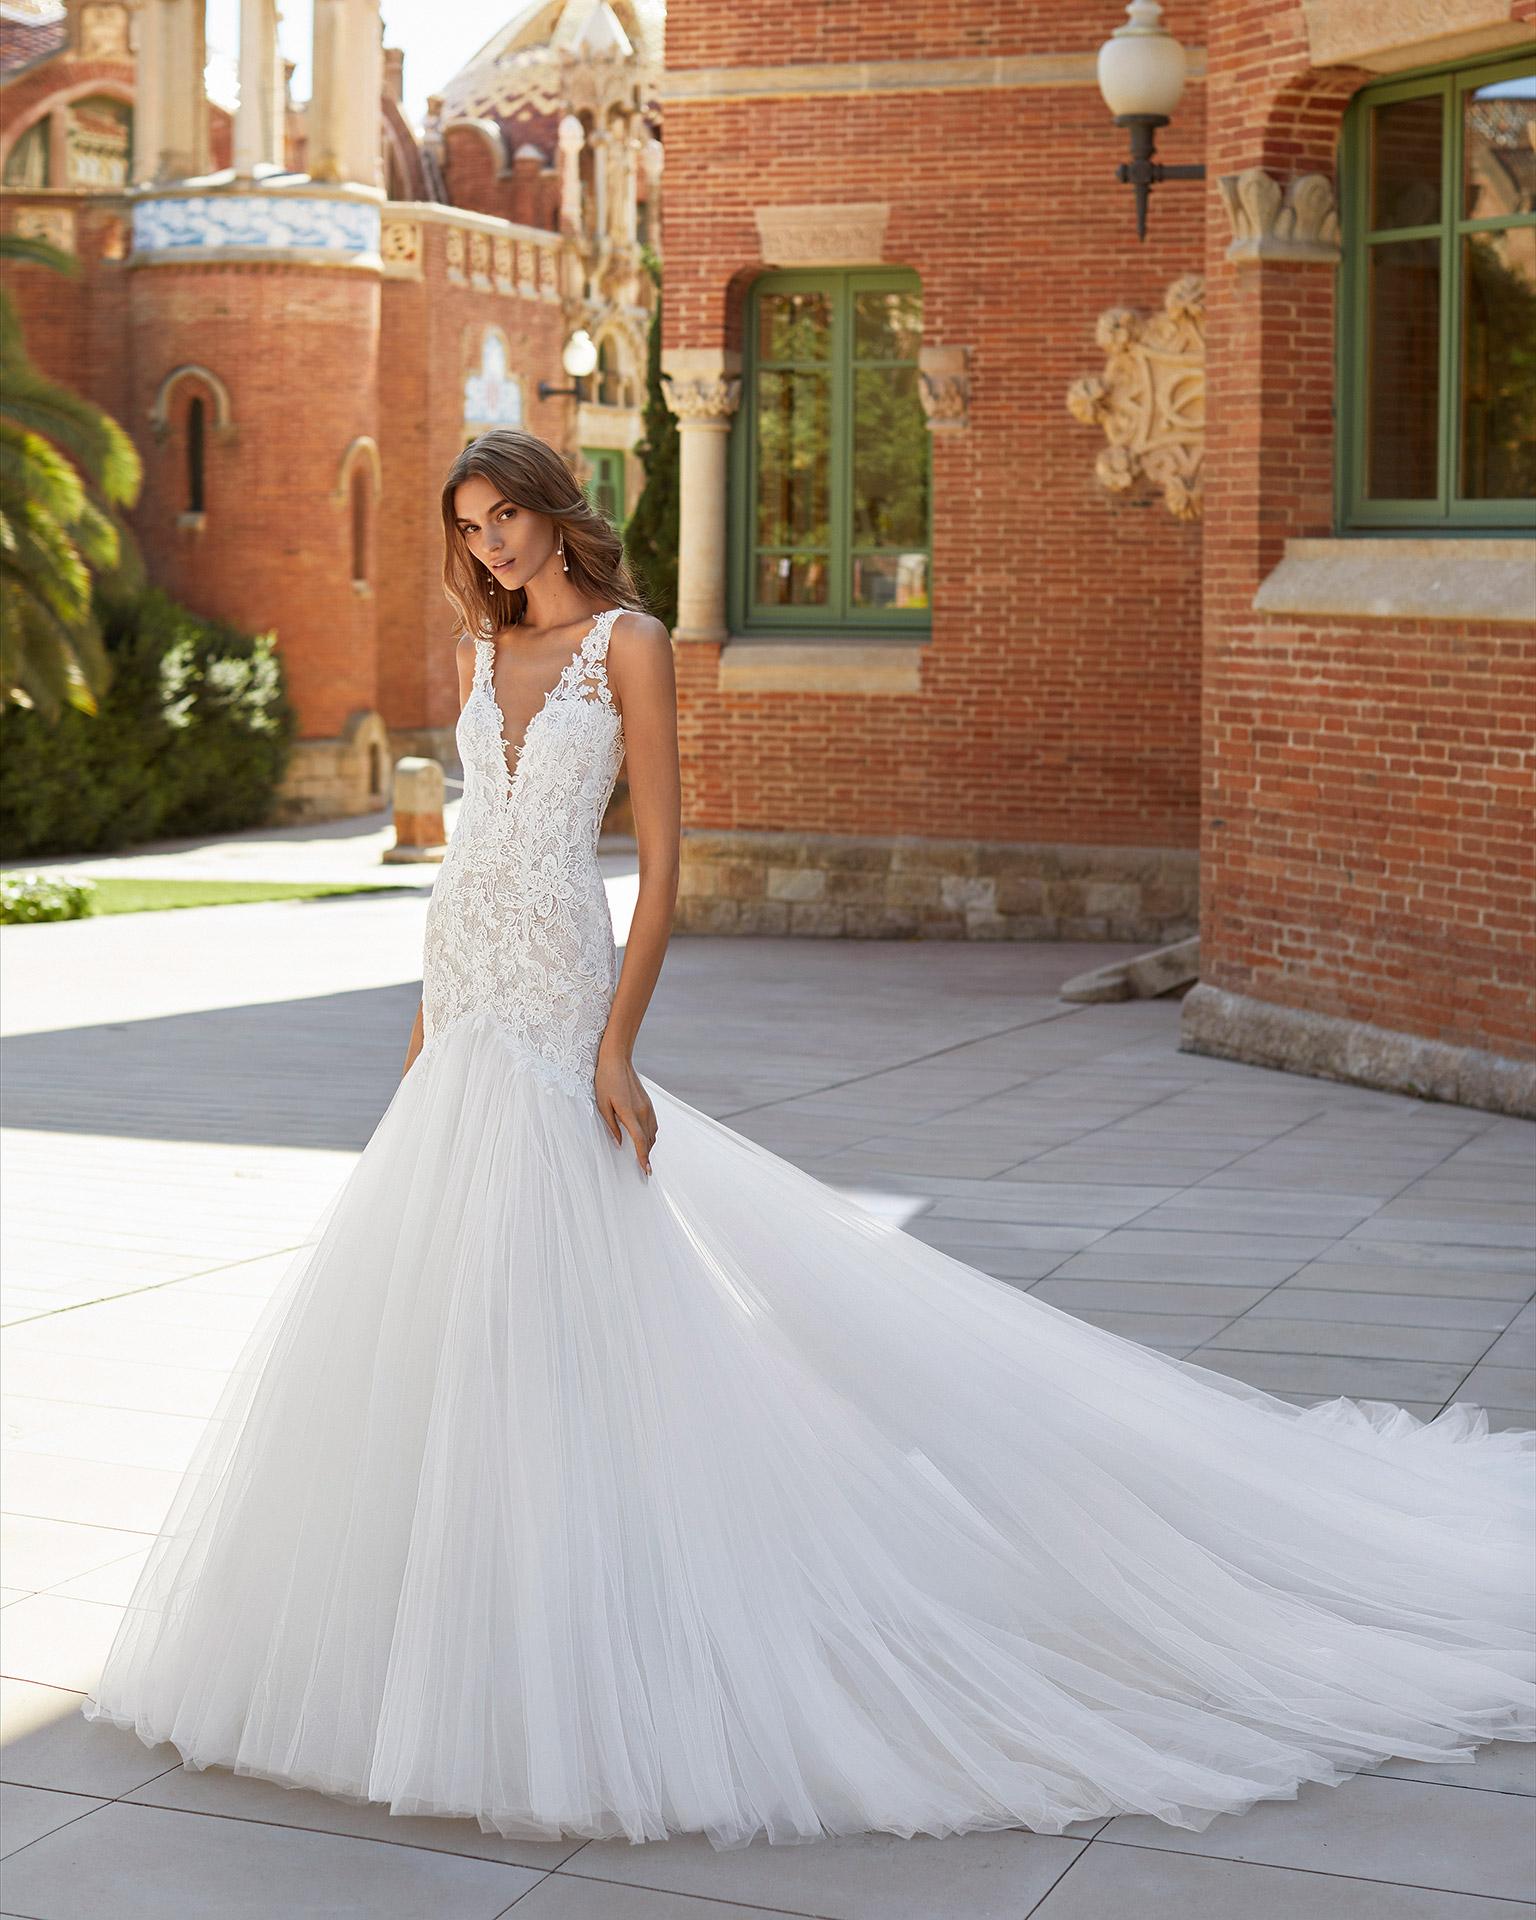 Vestido de novia corte sirena de tul y encaje. Escote deep plunge y espalda abierta. Colección  2021.